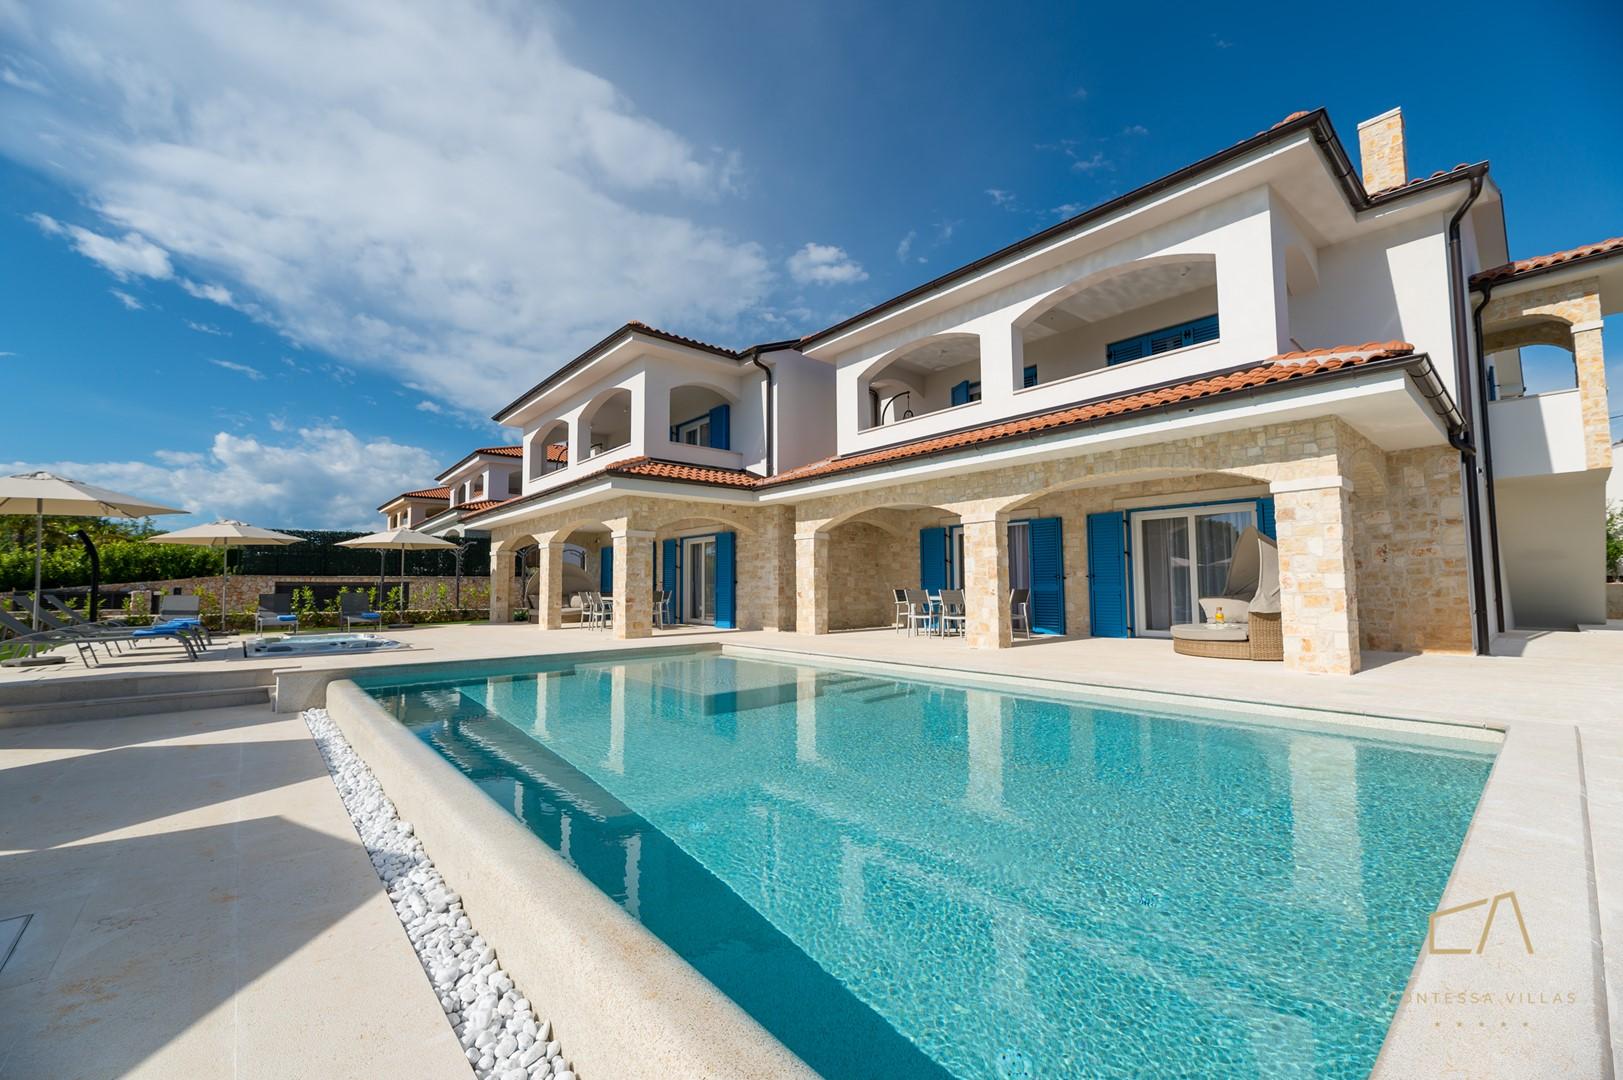 Ferienwohnung Luxury Apartments Loma  / Luxury Apartment Loma Three (2807070), Sveti Vid-Miholjice, Insel Krk, Kvarner, Kroatien, Bild 2